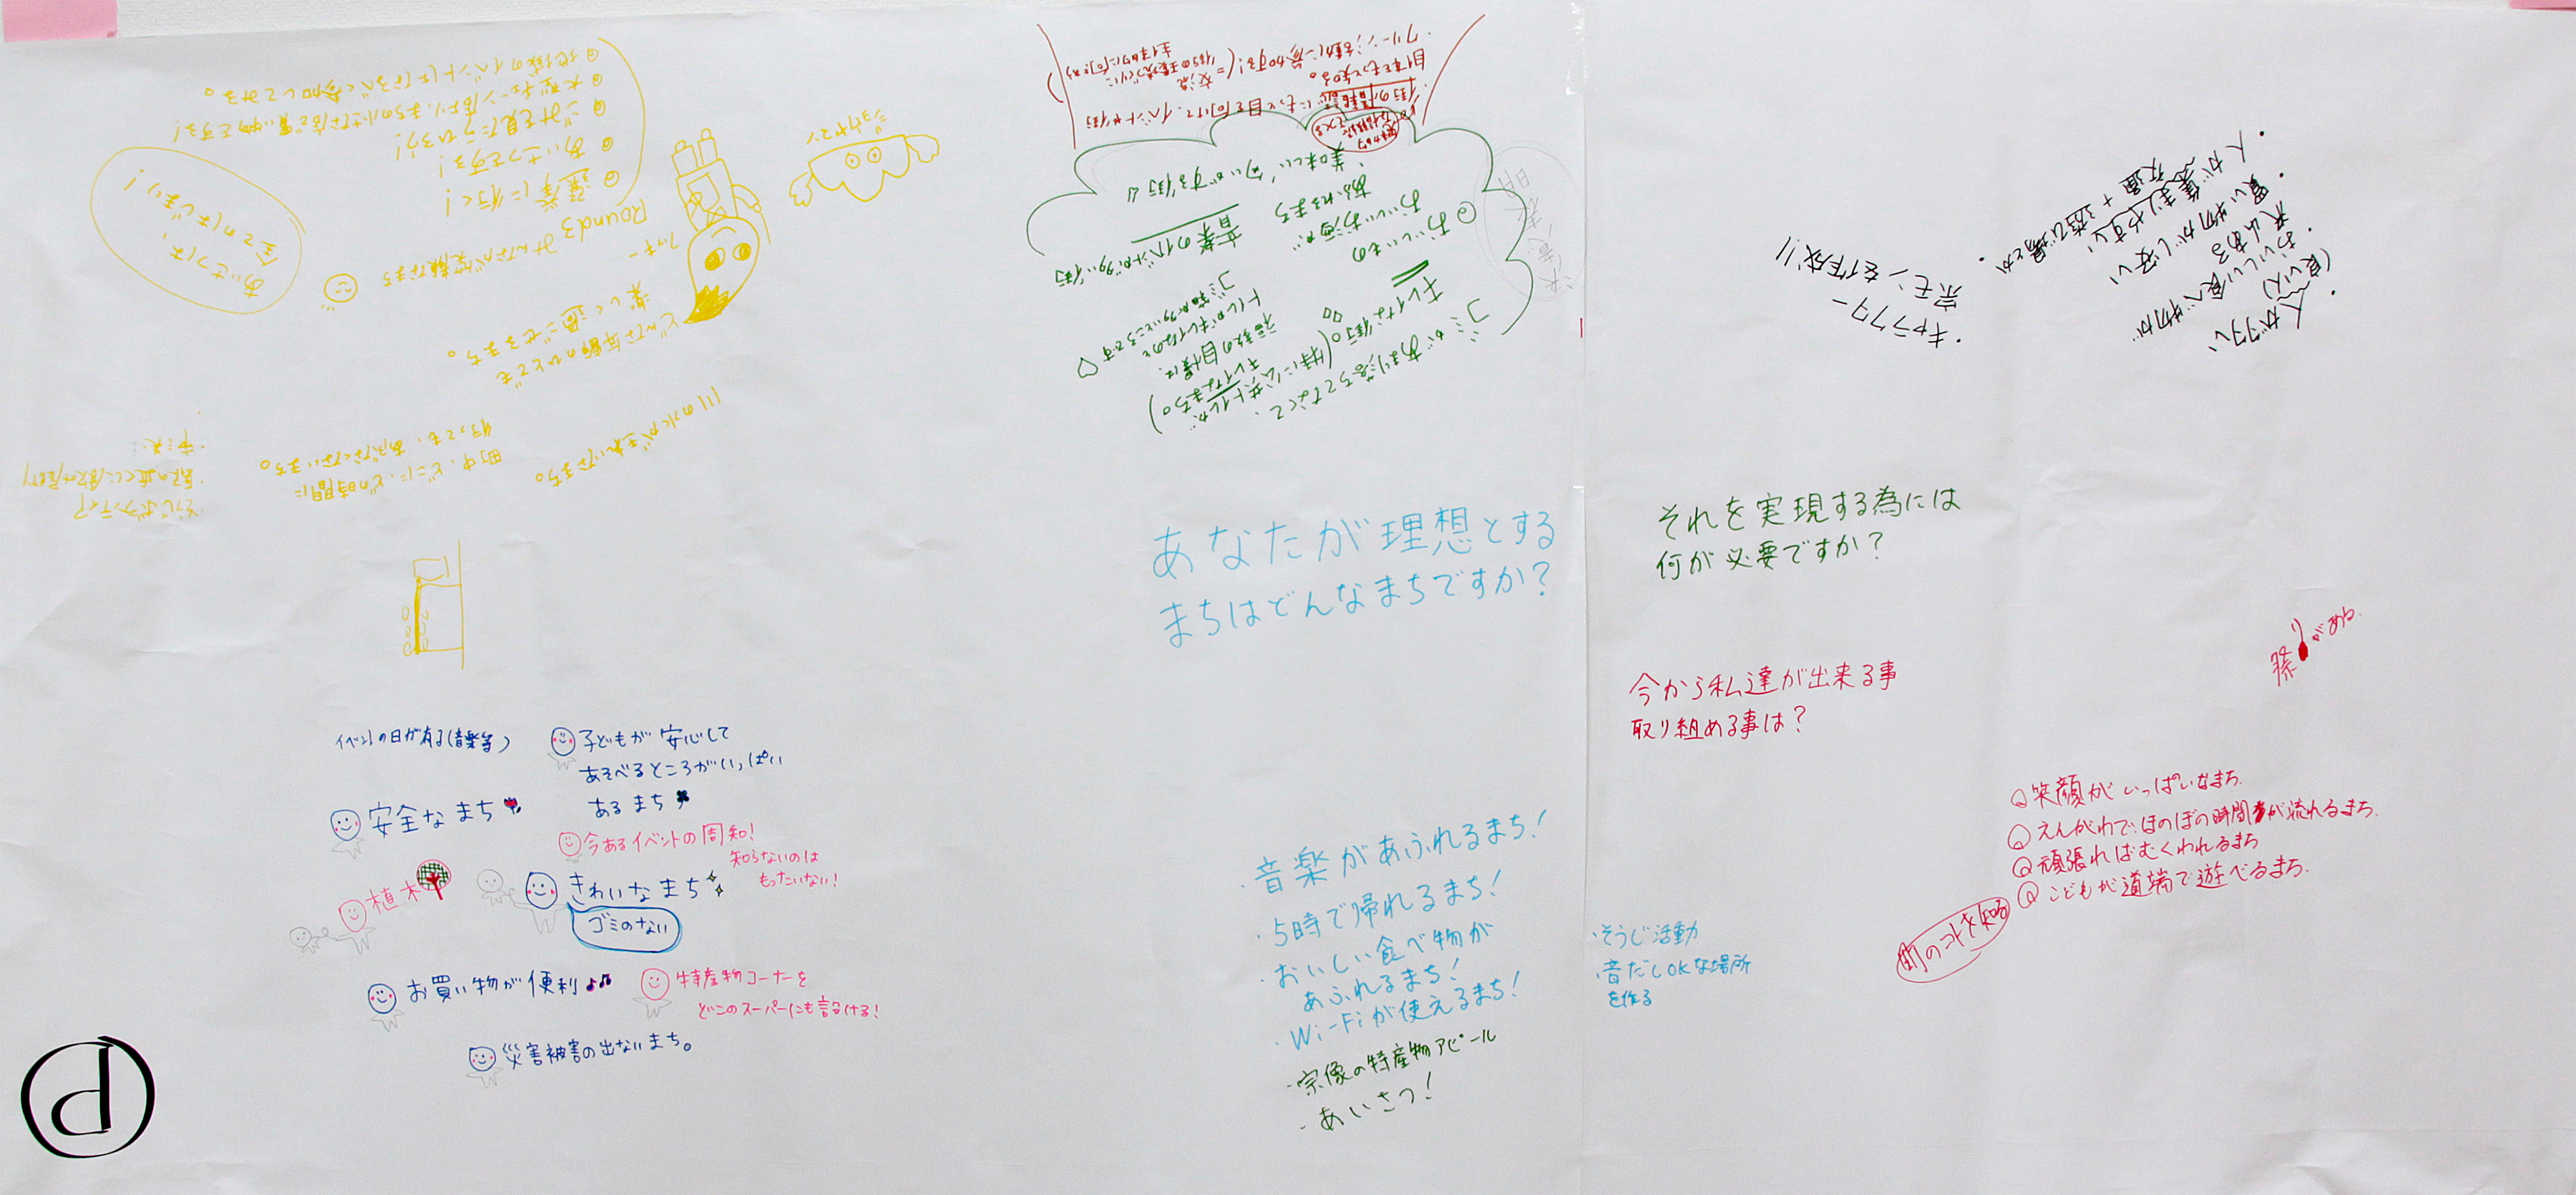 http://www.munakatajc.com/active/2013101718.jpg